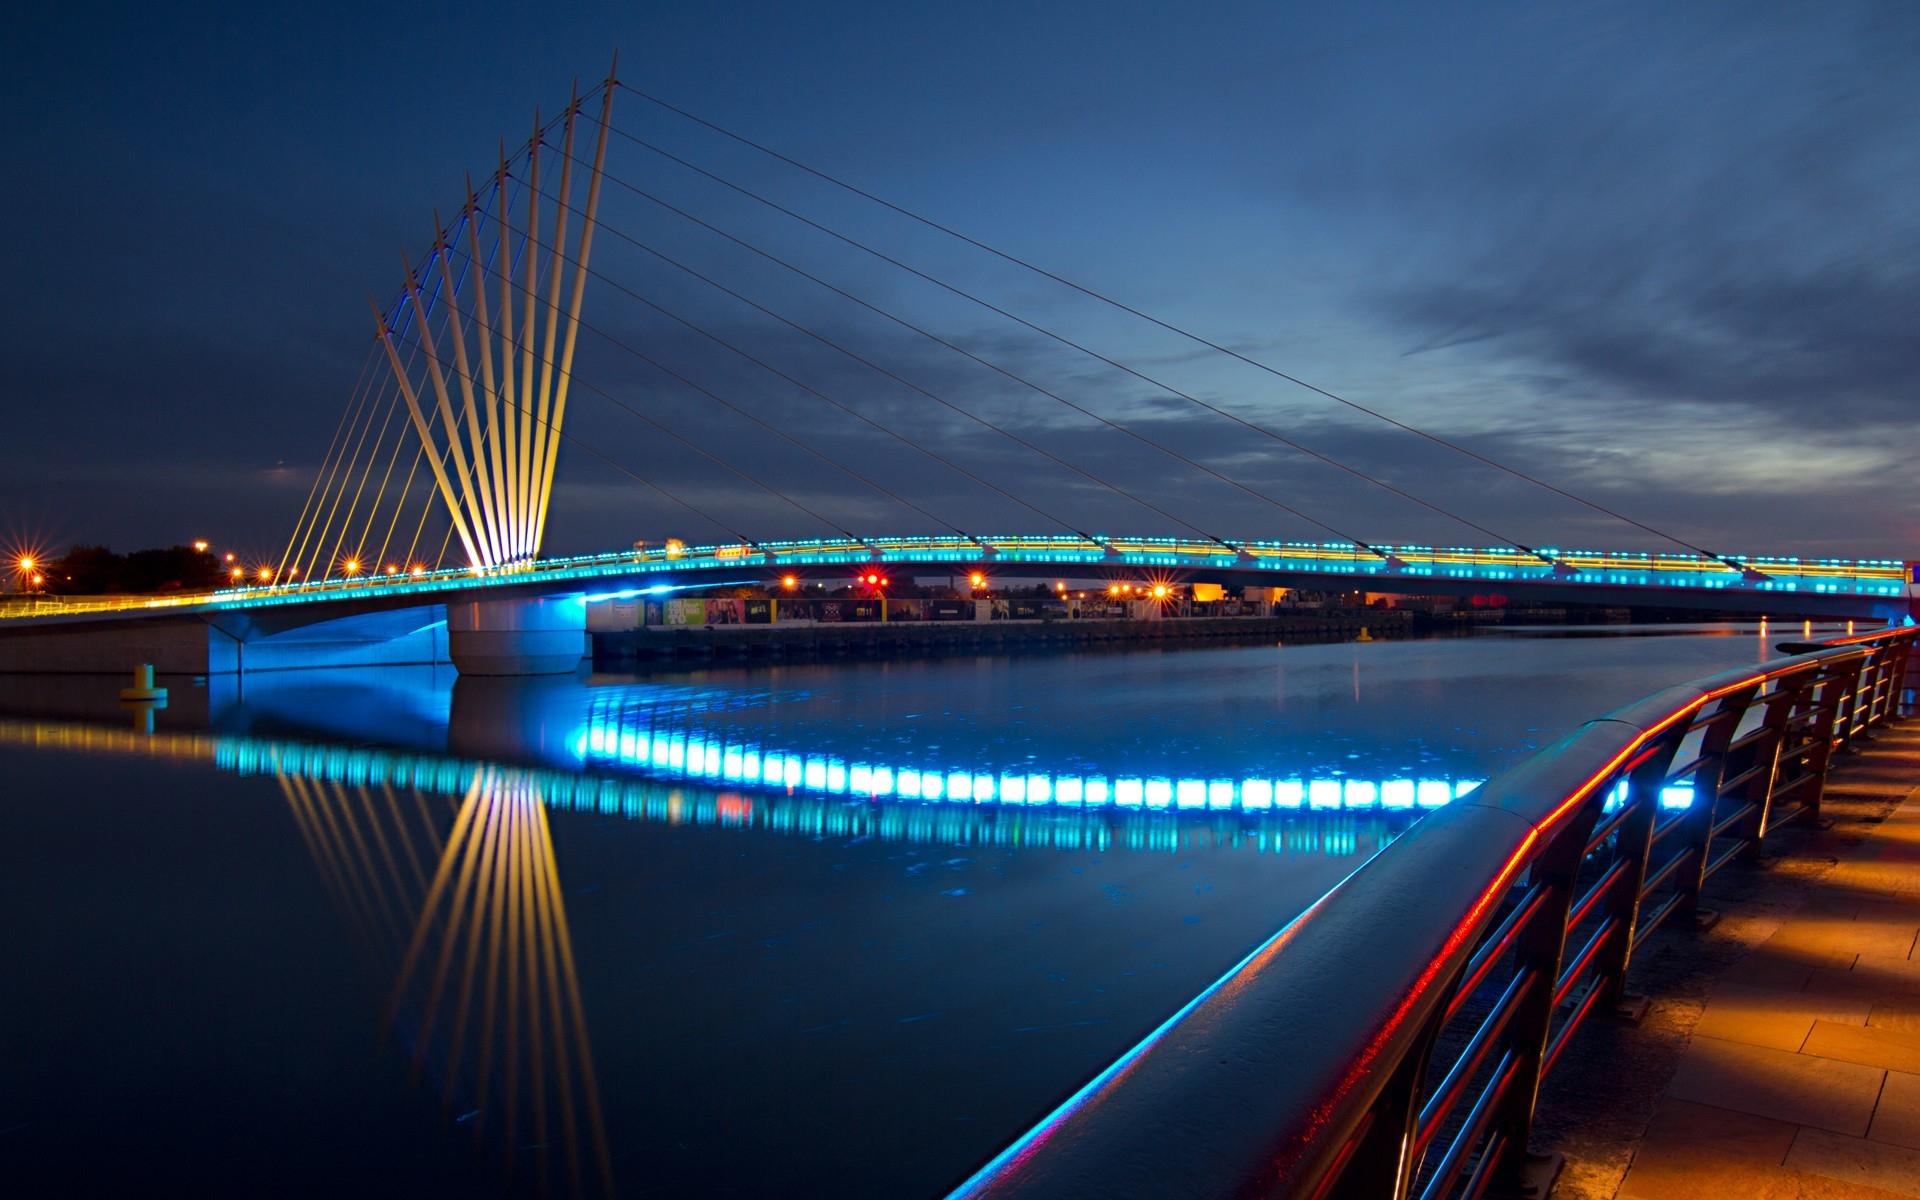 ногти, мост картинки в близи города все советы